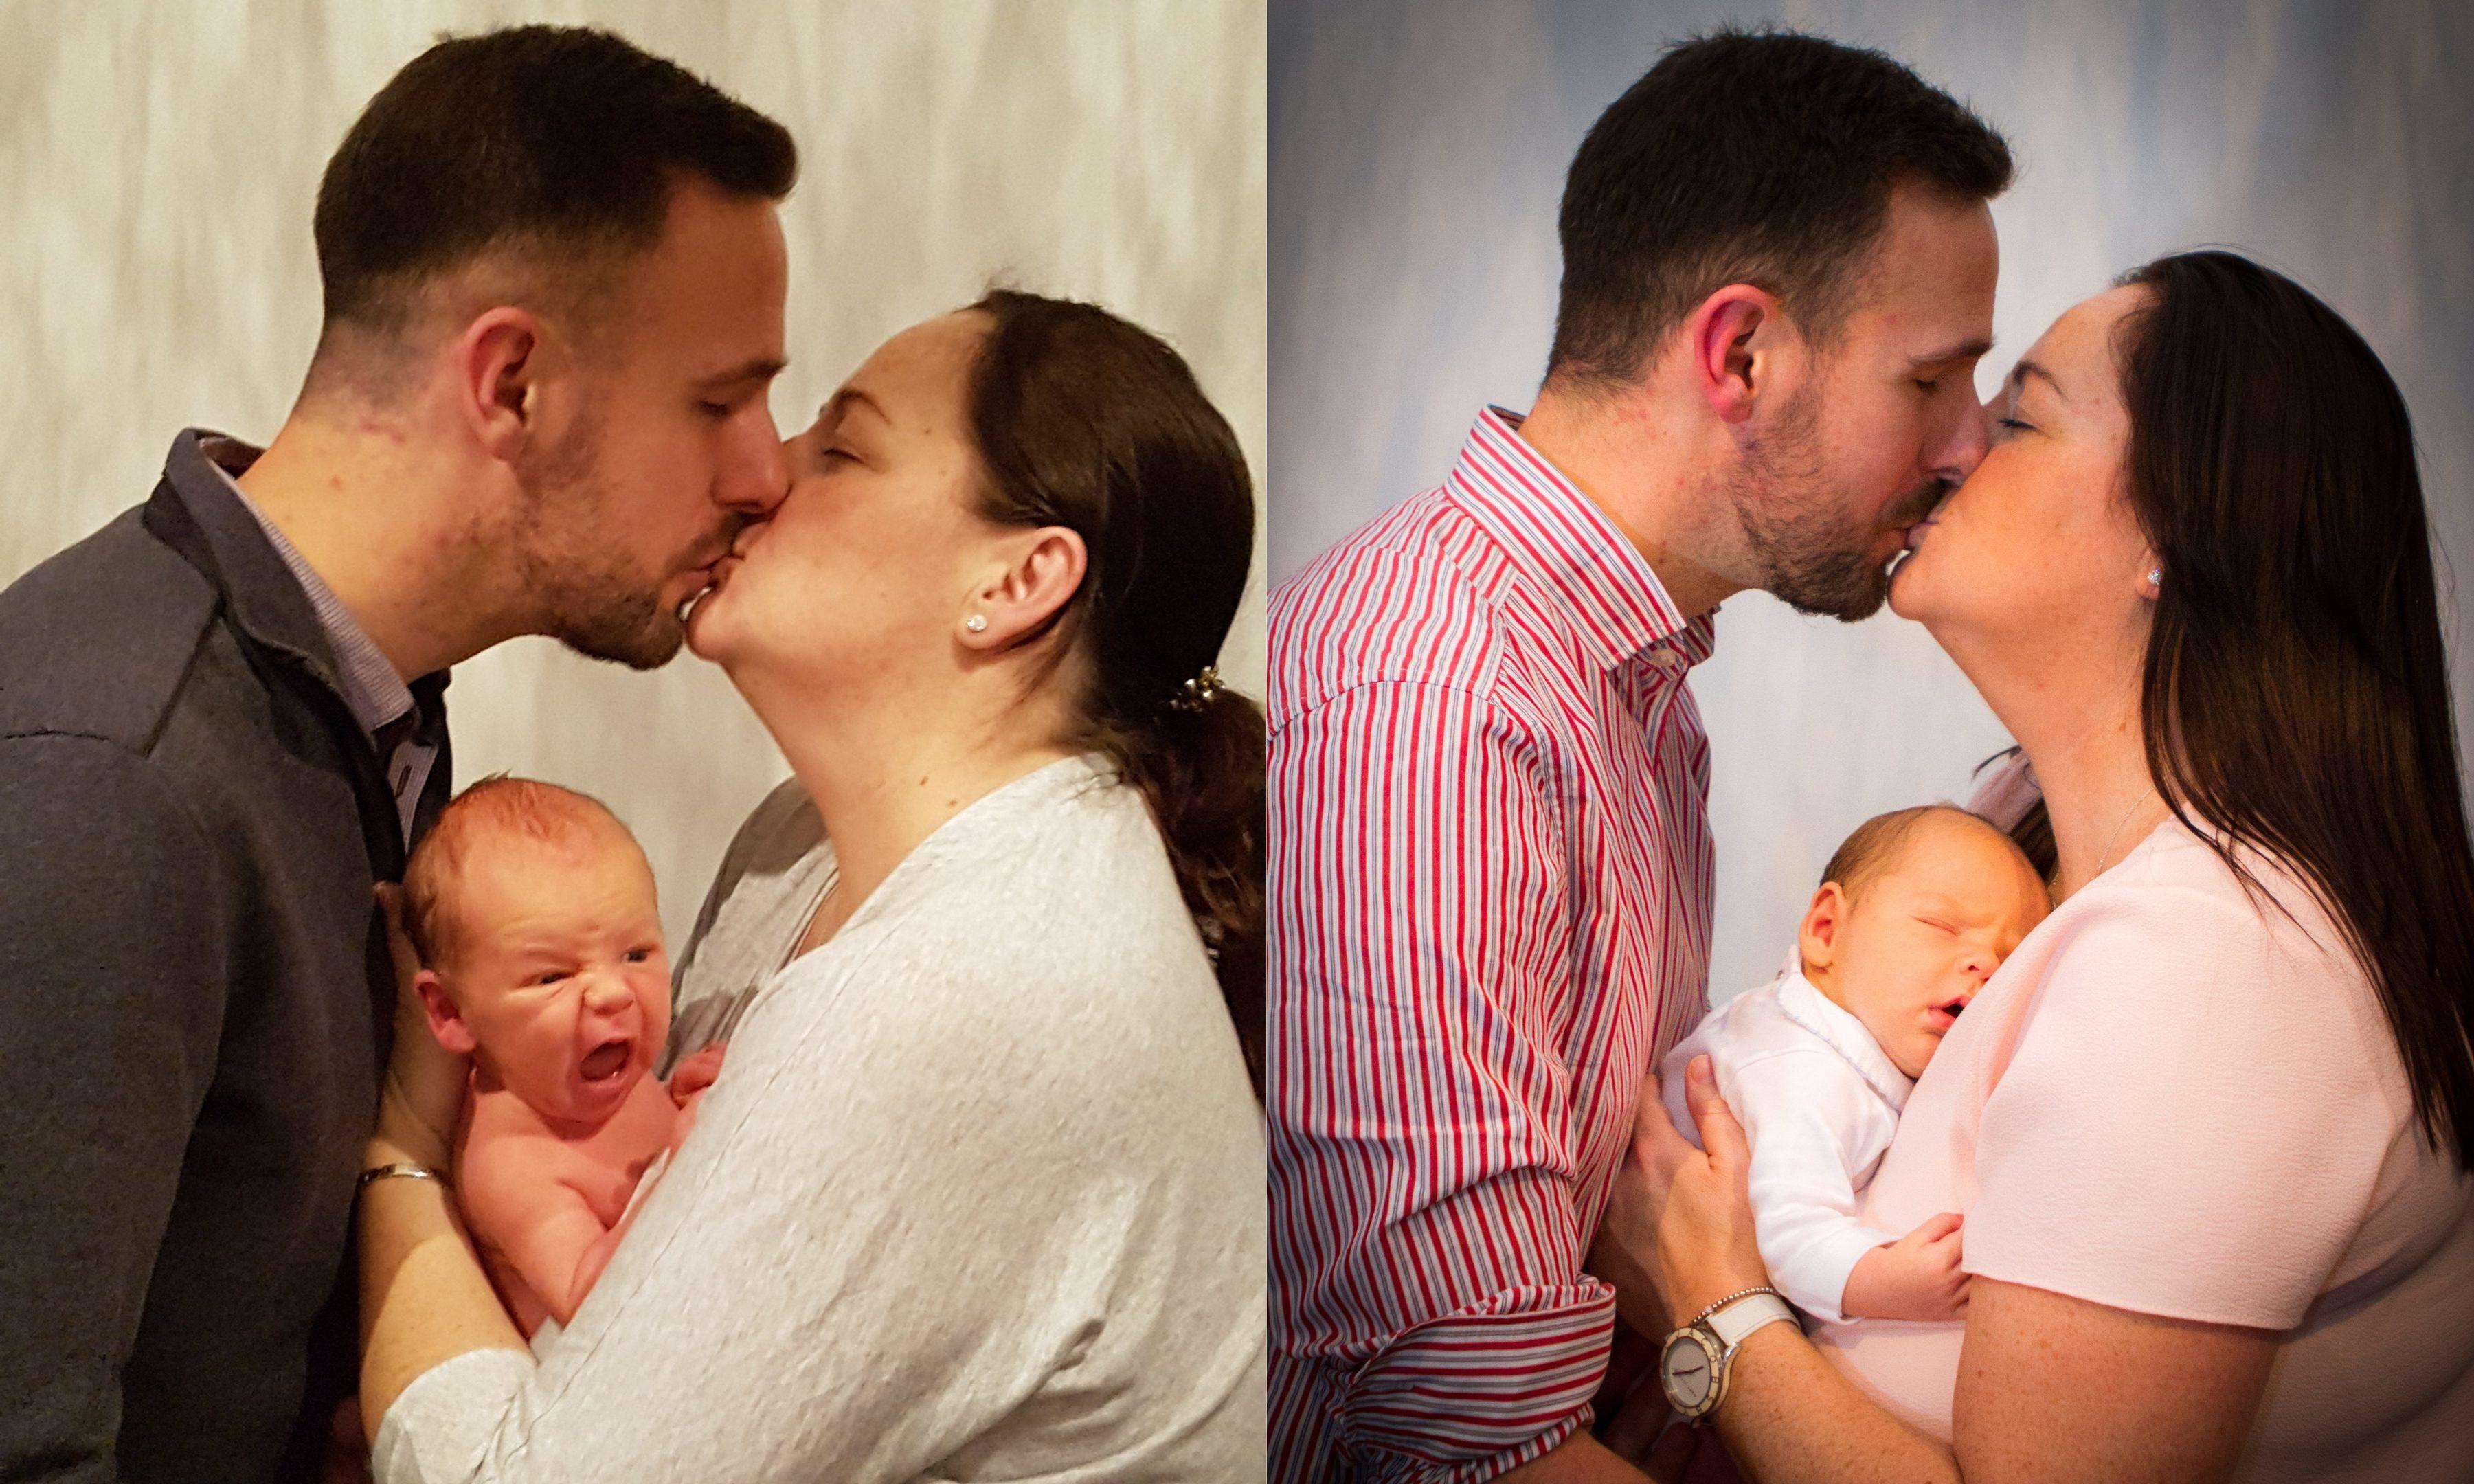 The happy family...eventually.